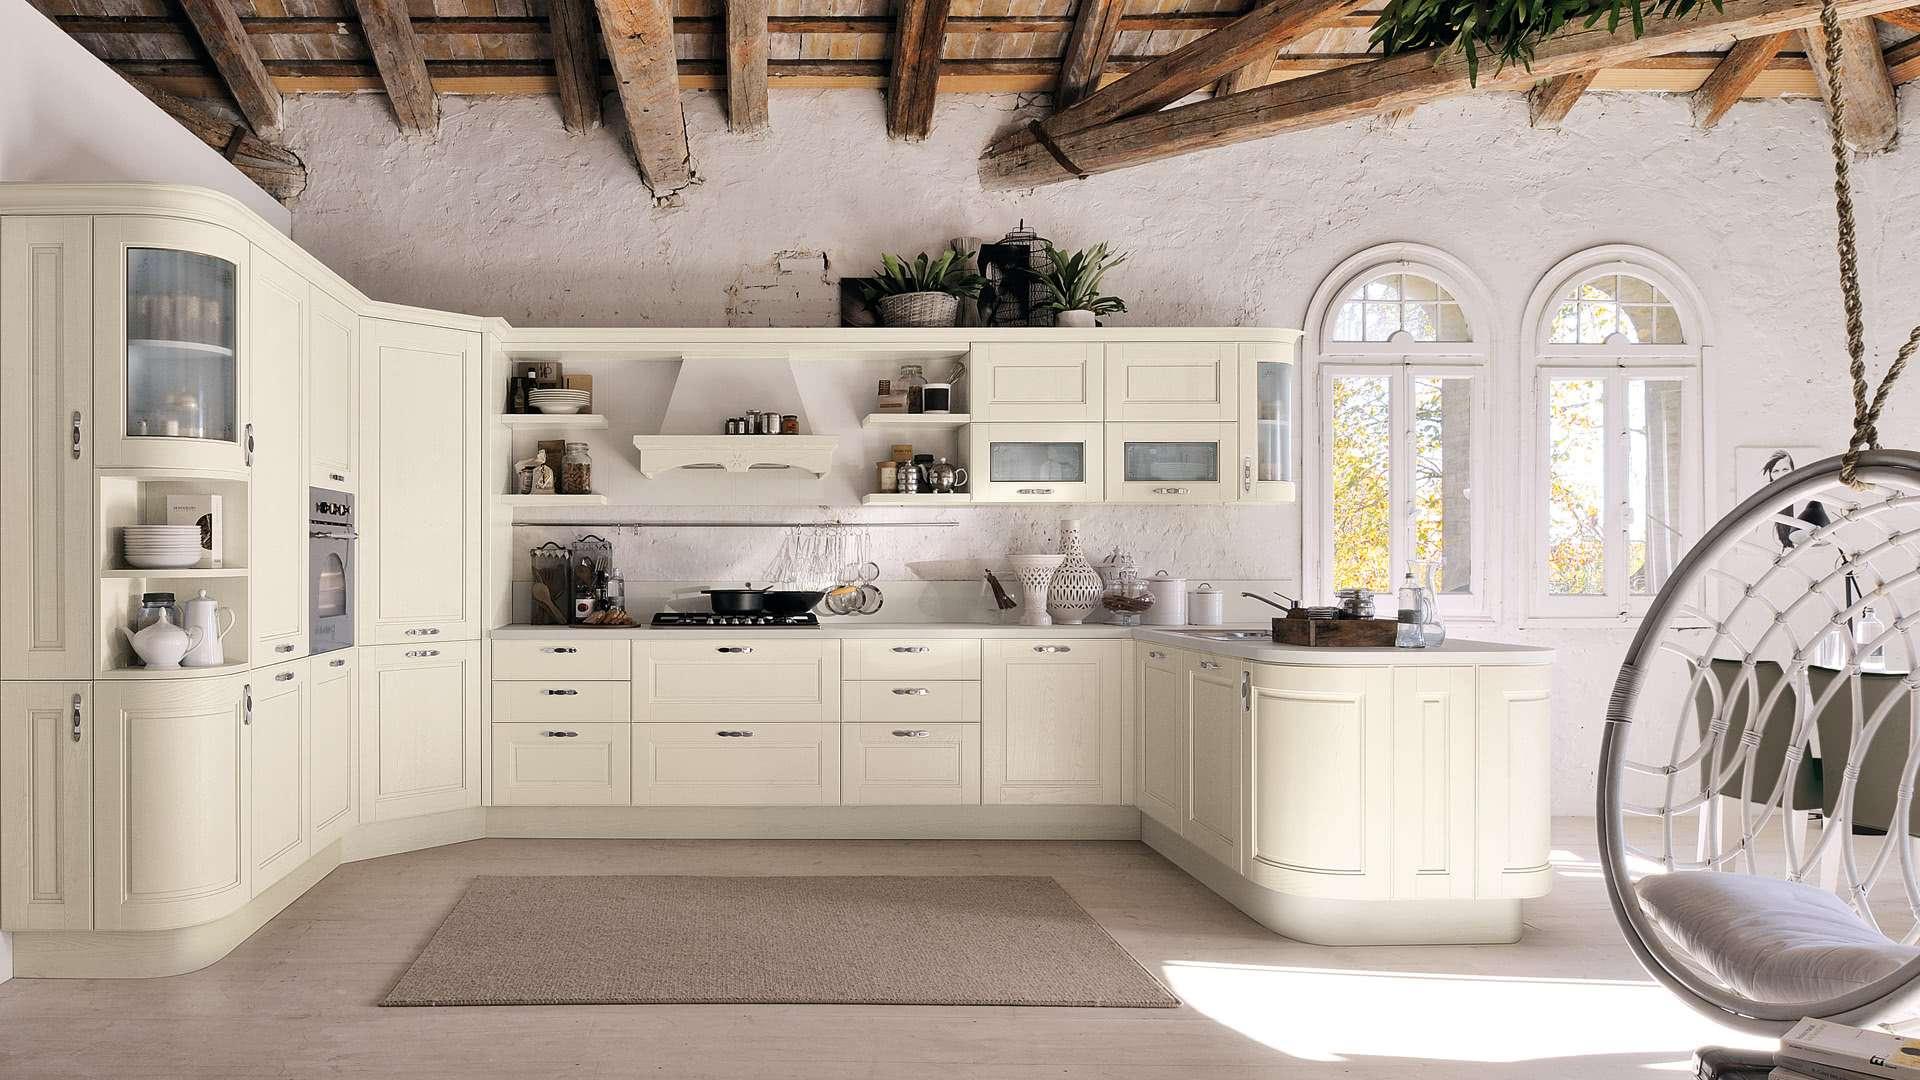 Cucine Firenze - Negozi arredamenti Firenze - Mondo Cucina